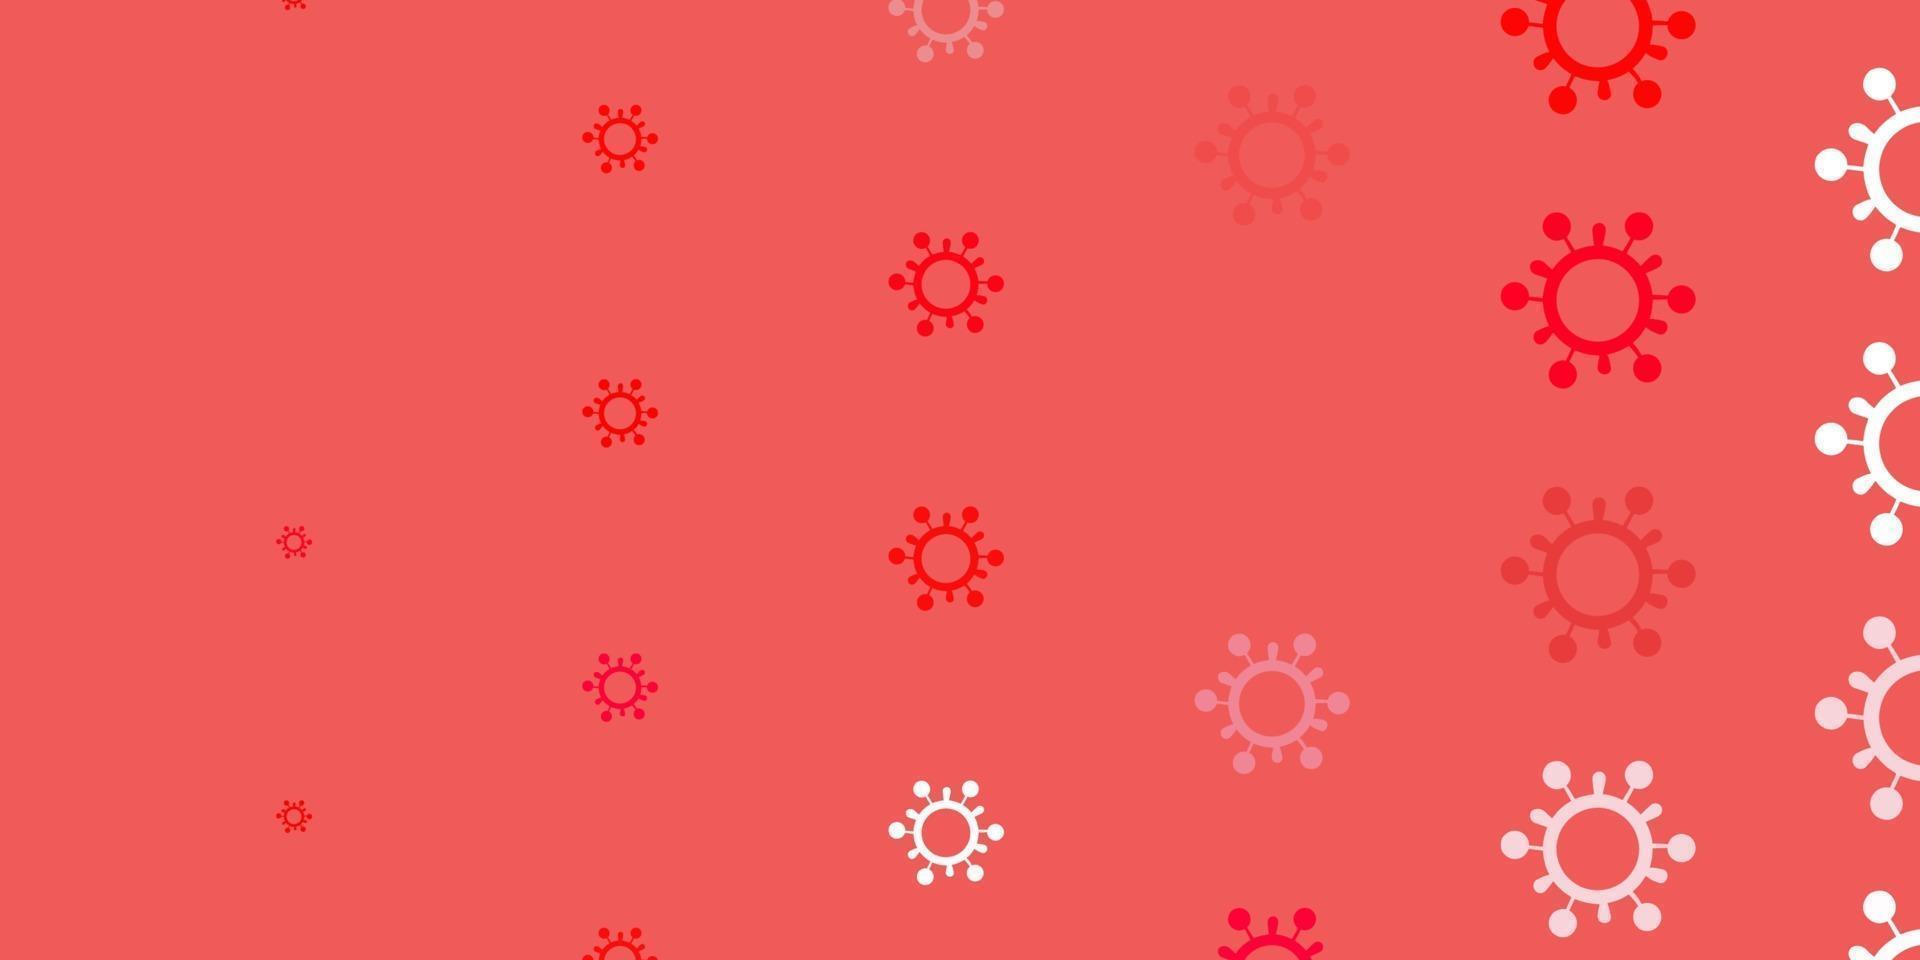 ljusrosa, röd vektorbakgrund med covid-19 symboler. vektor